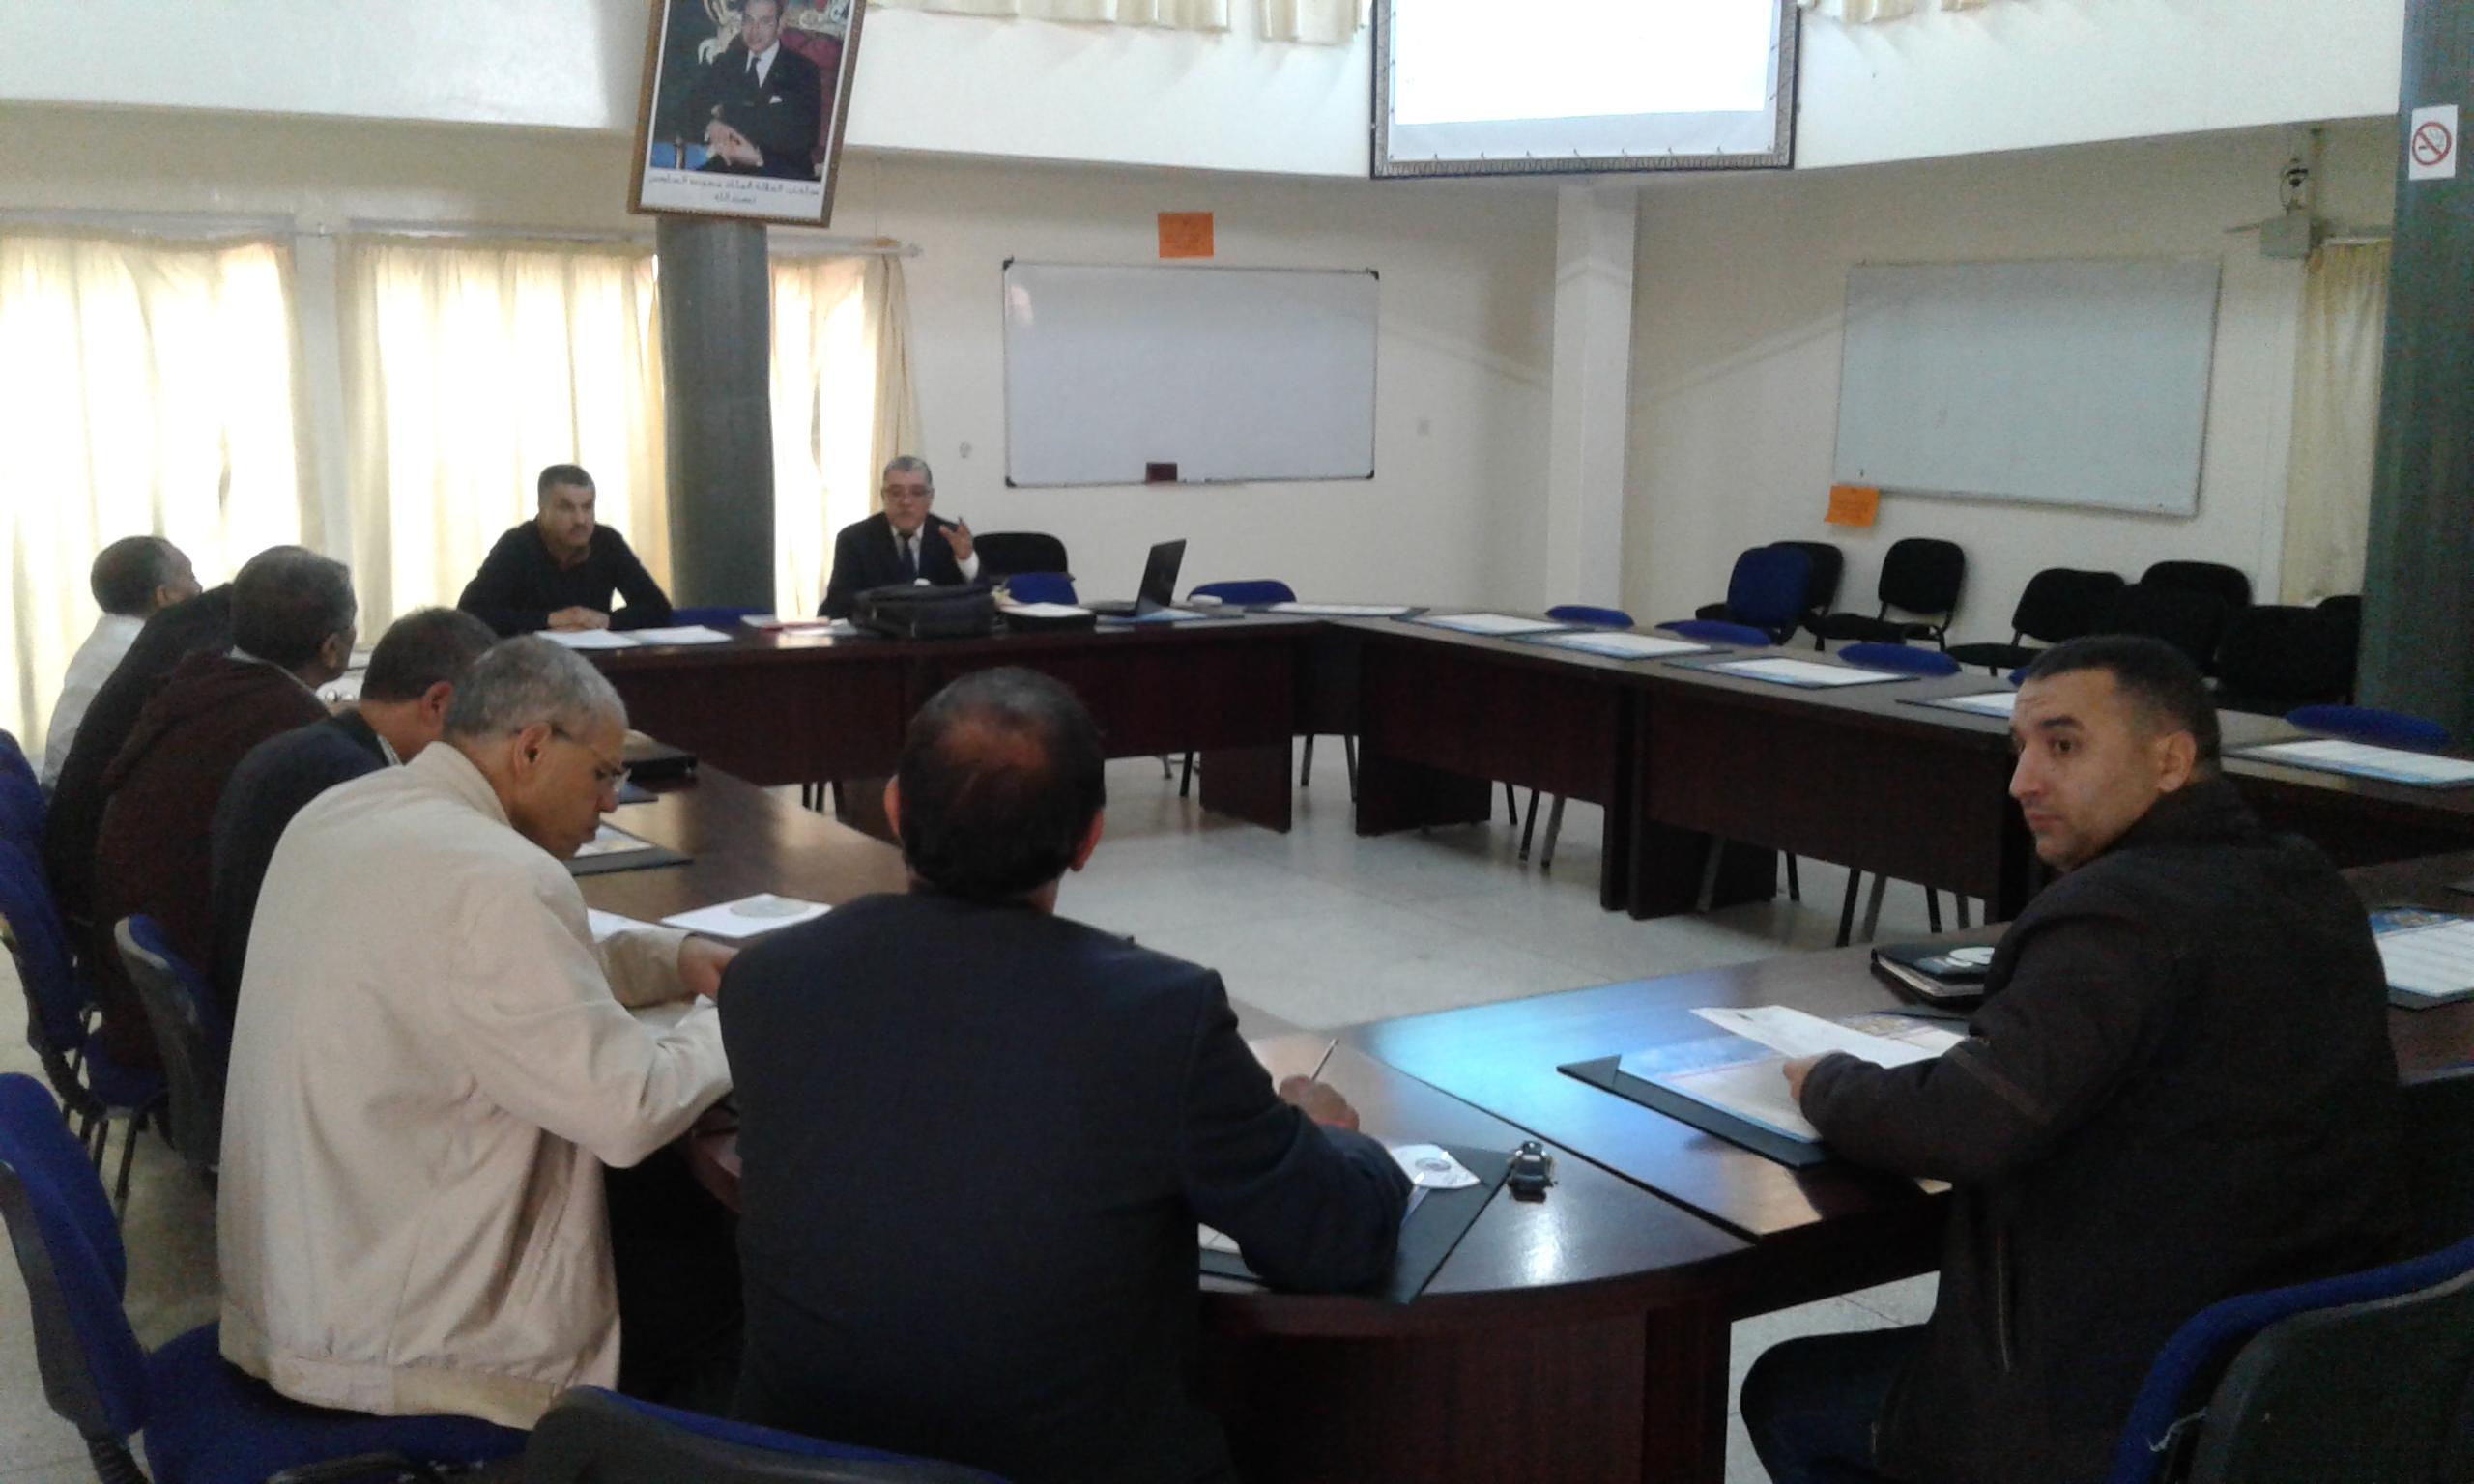 لقاء إخباري وتاطيري حول مراجعة مناهج مادة التربية الإسلاميةبالتعليم الابتدائي بالمديرية الإقليمية بتيزنيت